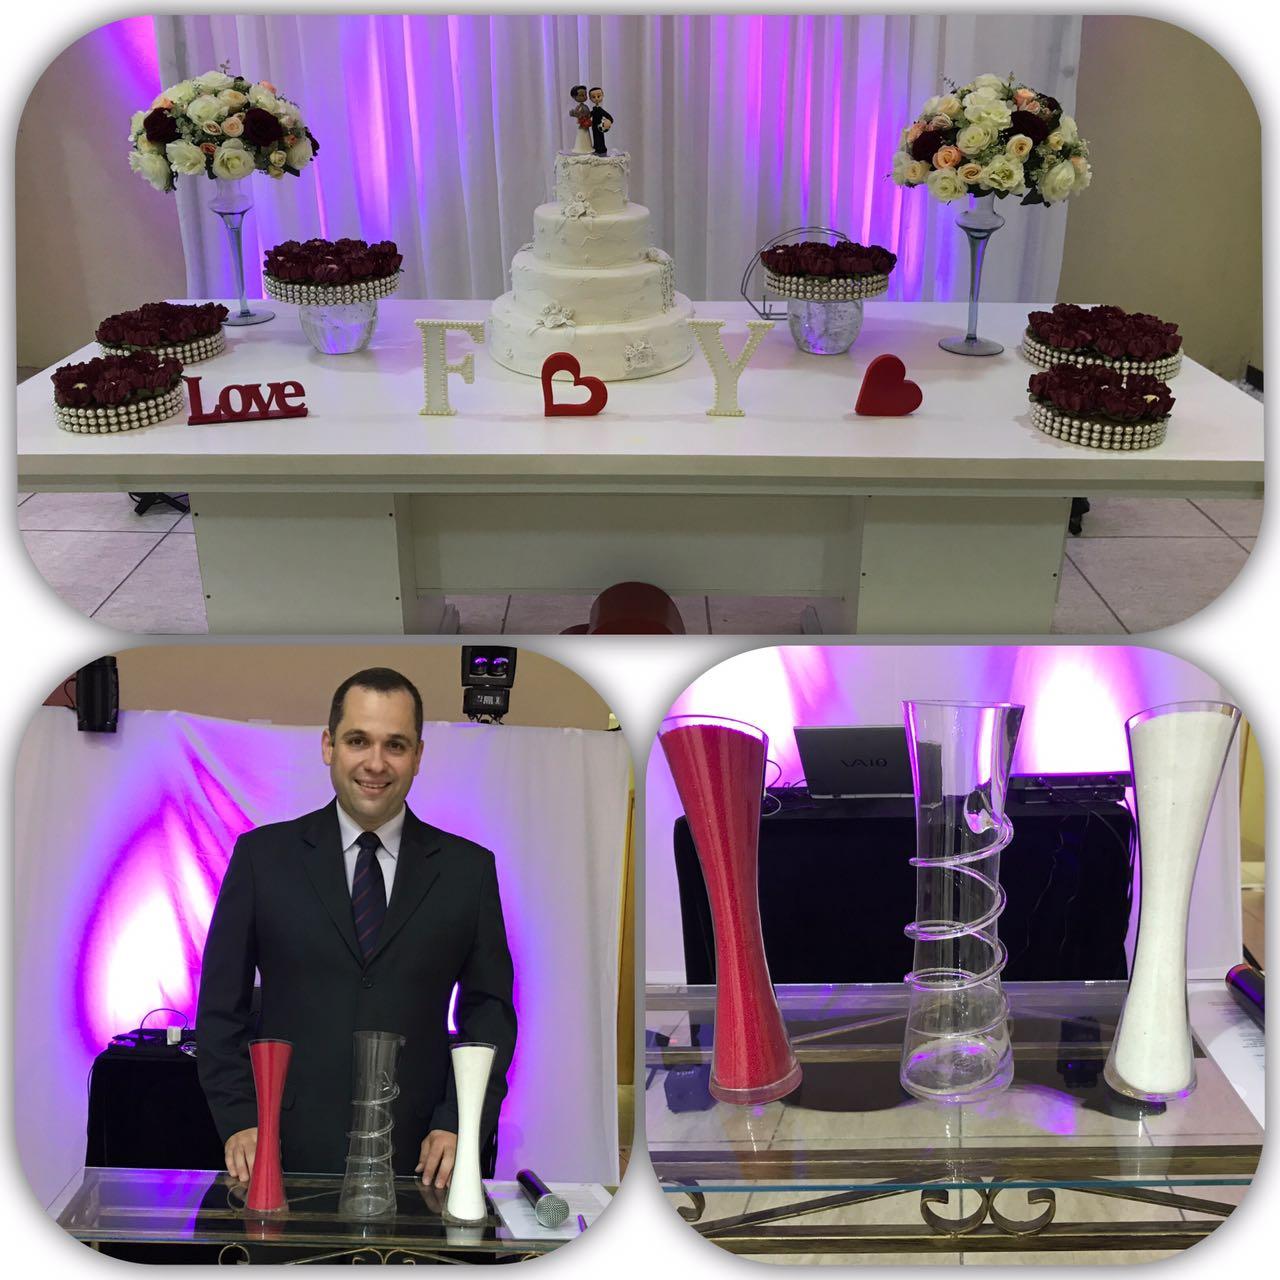 Foto do Rafael Spinelli e da mesa decorada junto ao bolo